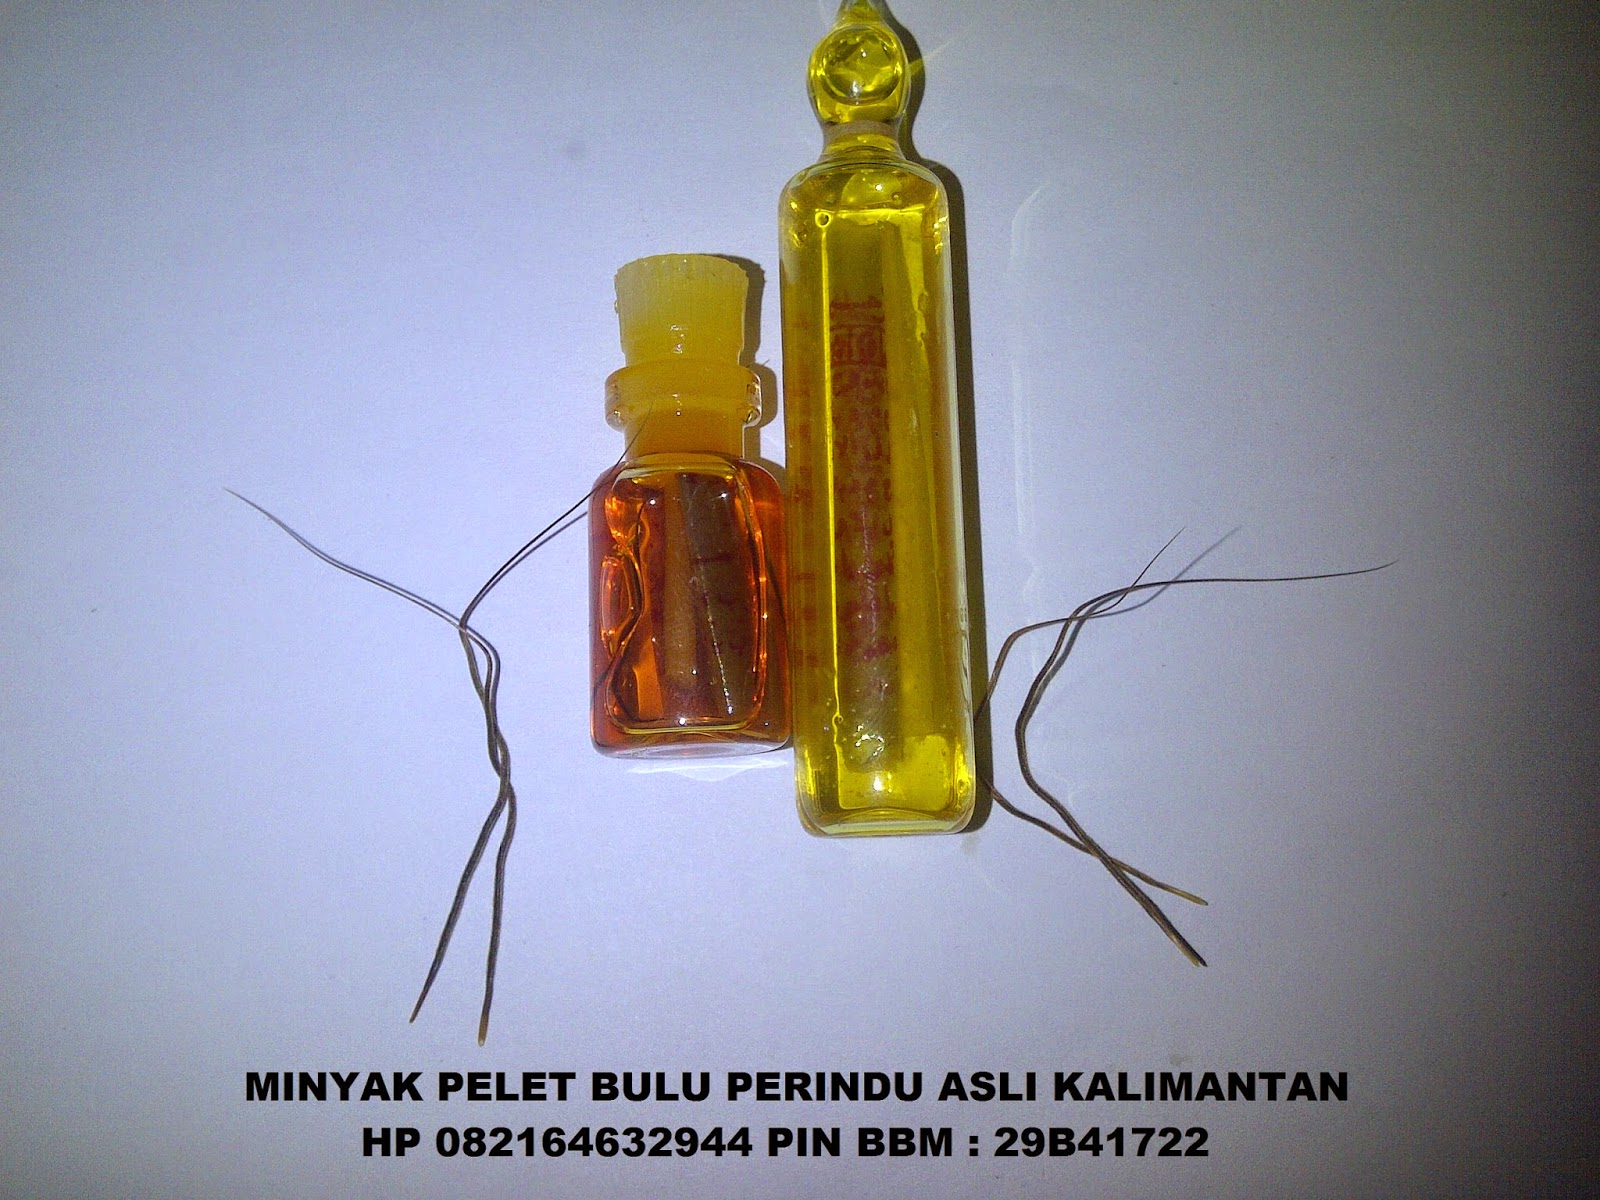 http://4.bp.blogspot.com/-PEF61R5rezQ/VTkNkfwJTbI/AAAAAAAALbY/zGYu_f2q_qU/s1600/url.jpg